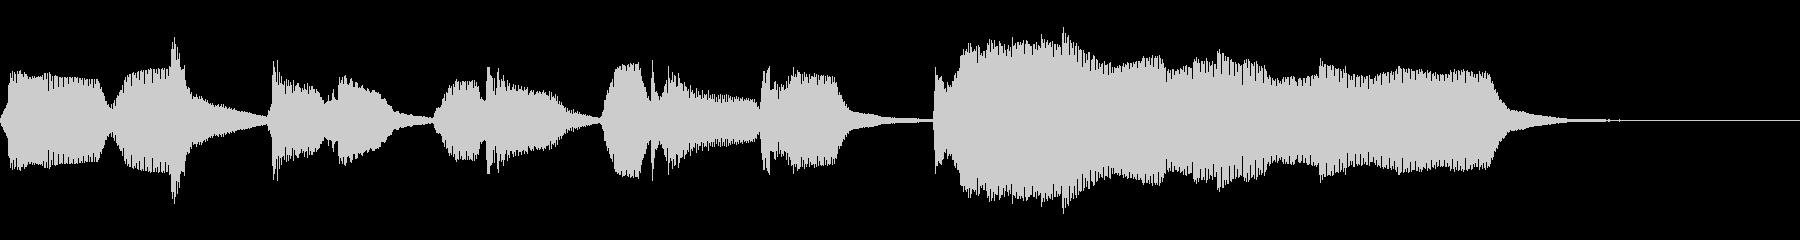 5秒の子供向けかわいいリコーダージングルの未再生の波形